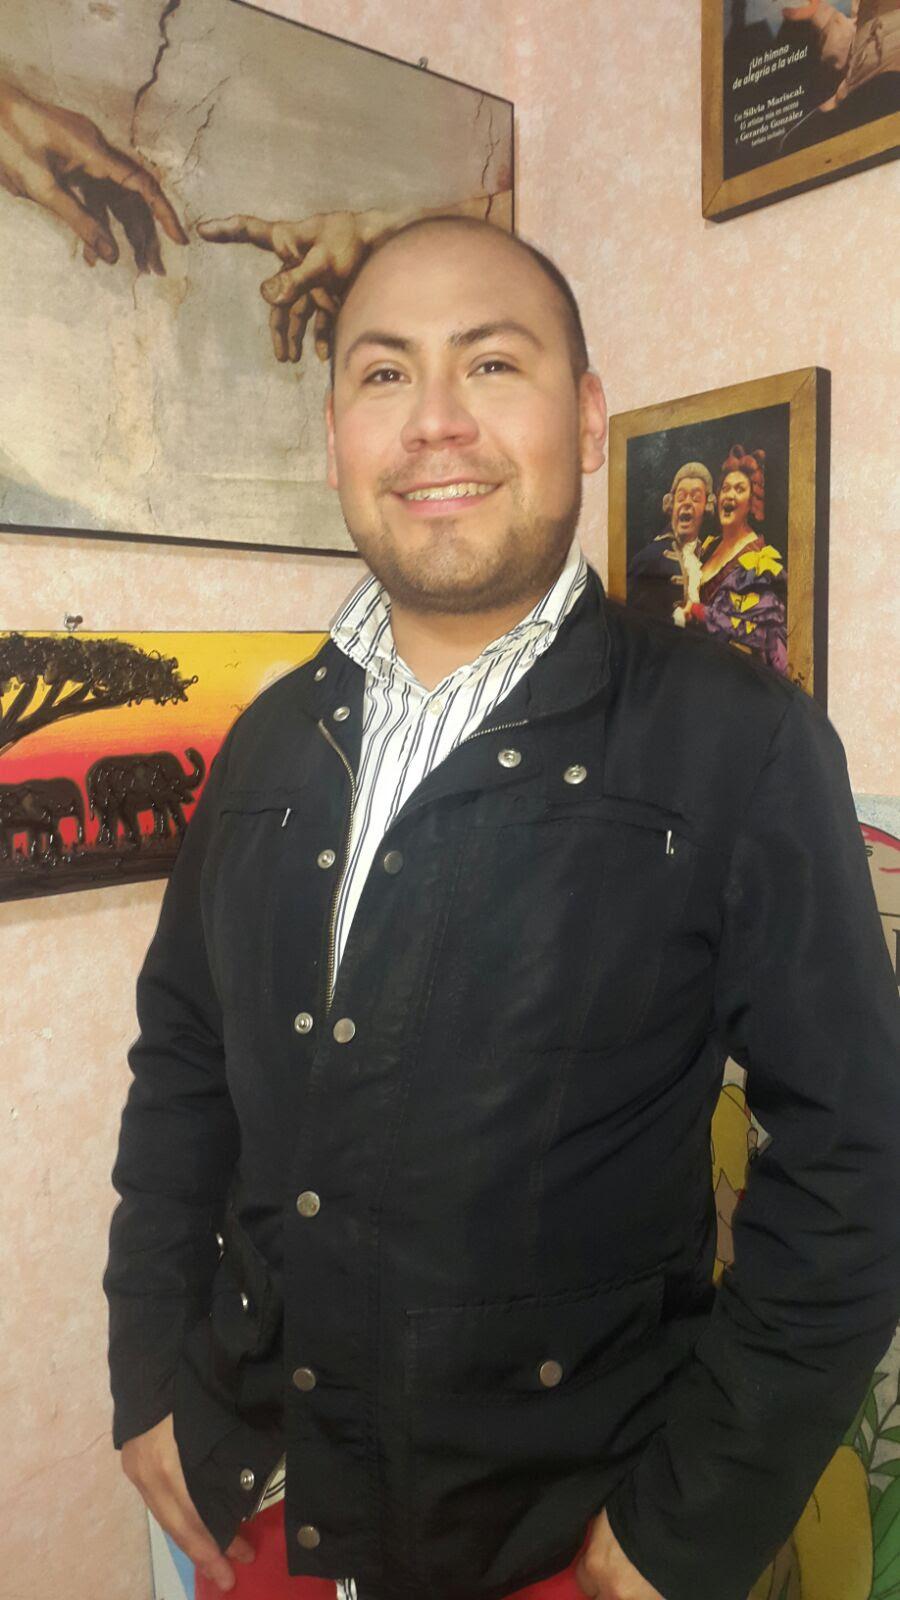 Jonathan Granado